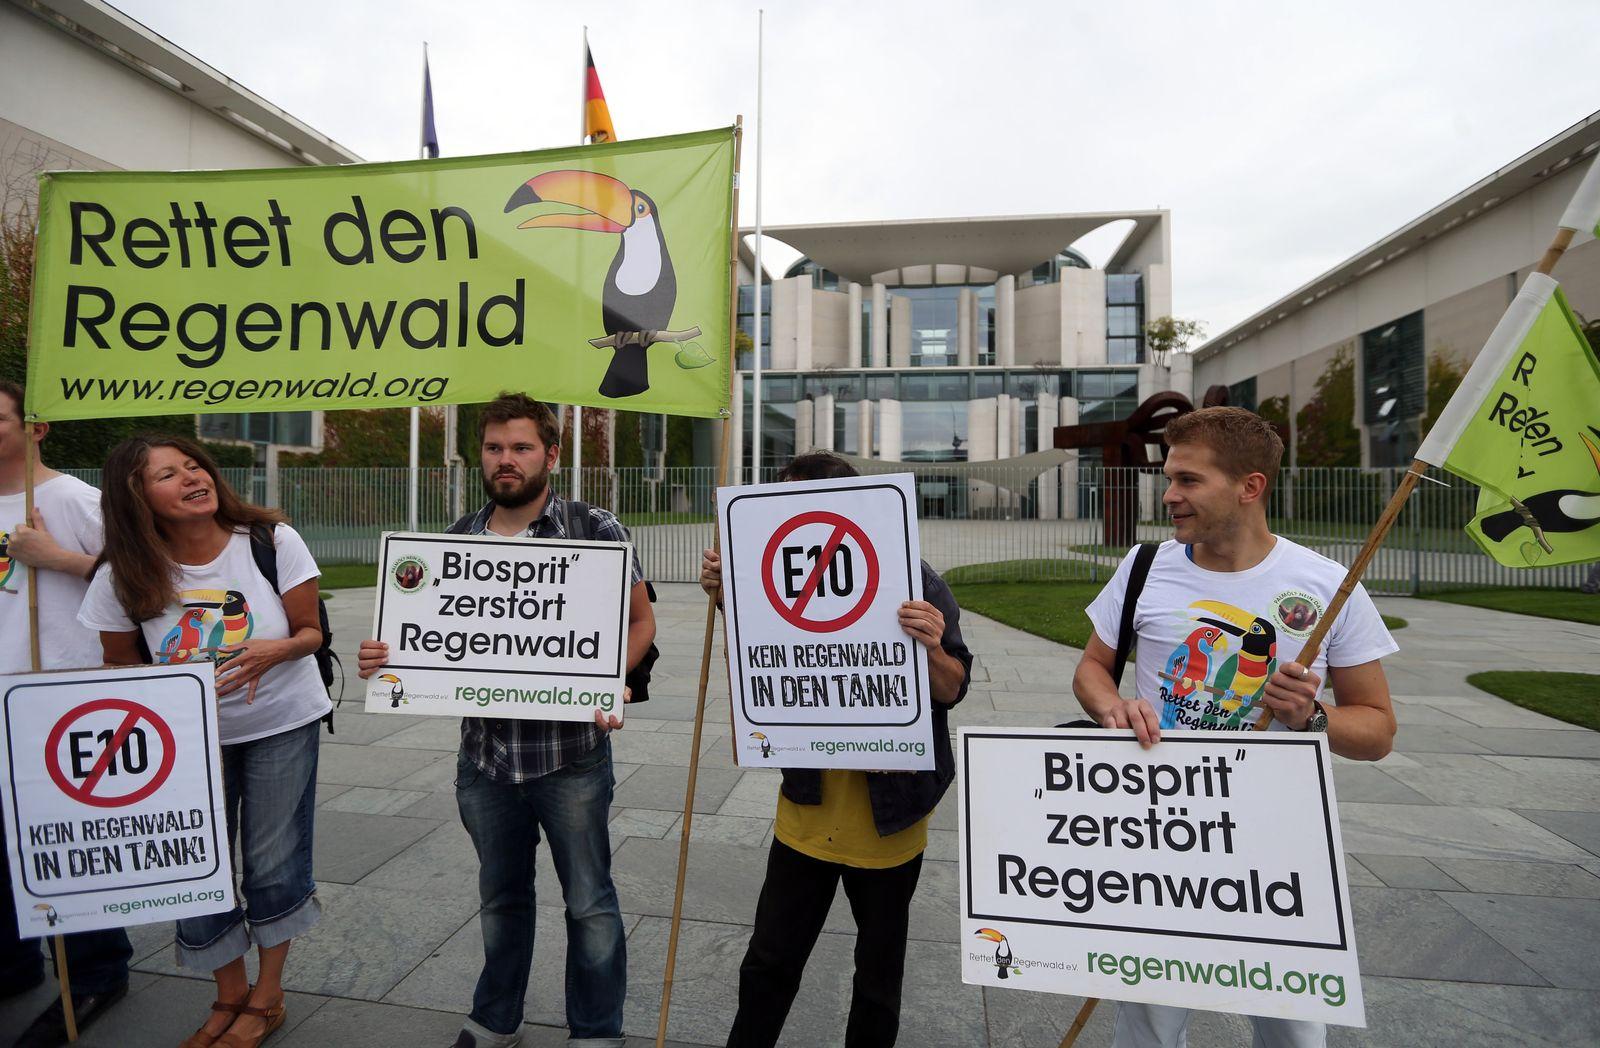 Energietreffen / Bundeskanzleramt /Protest